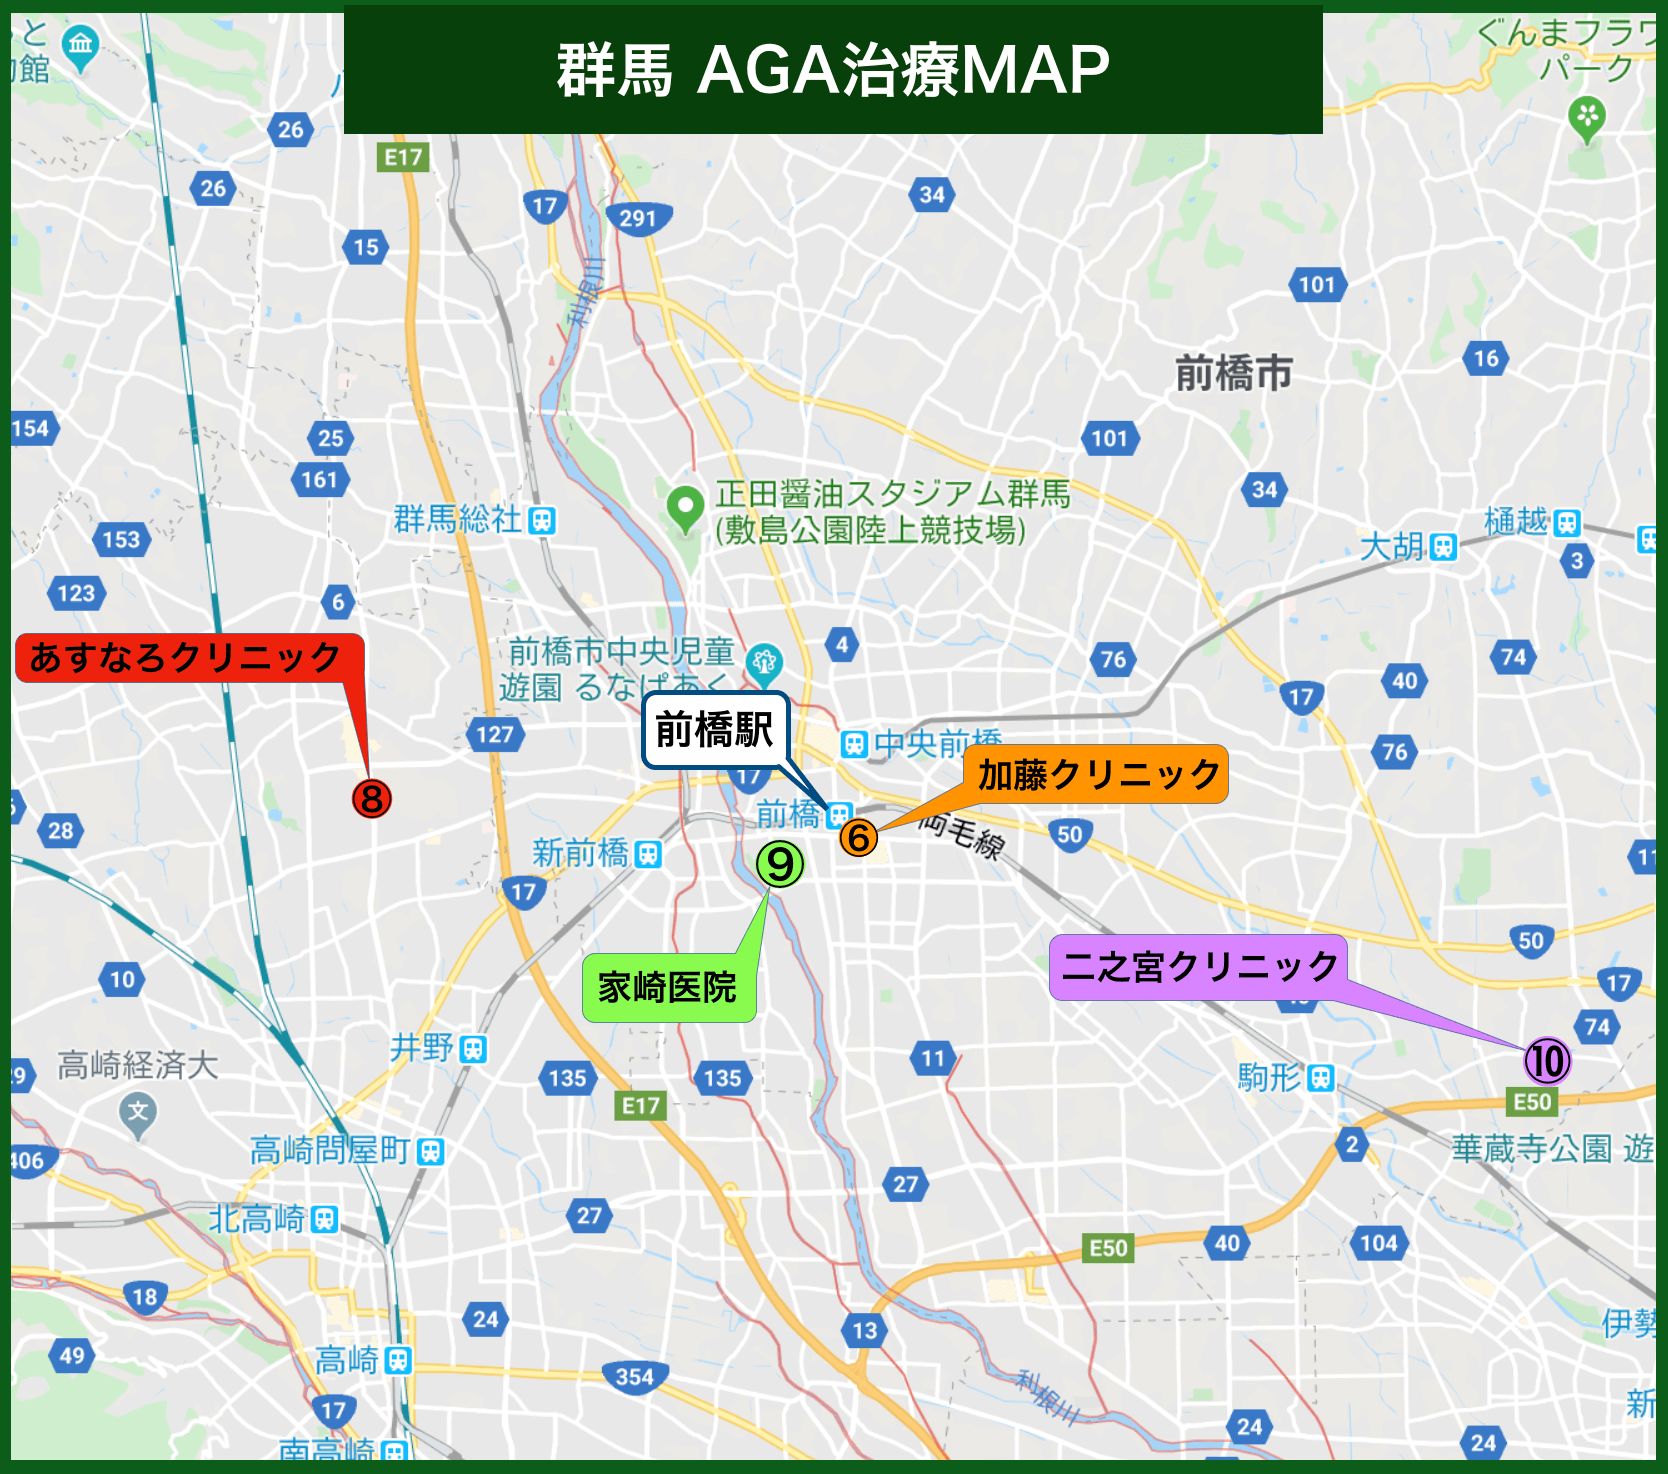 群馬AGA治療MAP(2020年版)